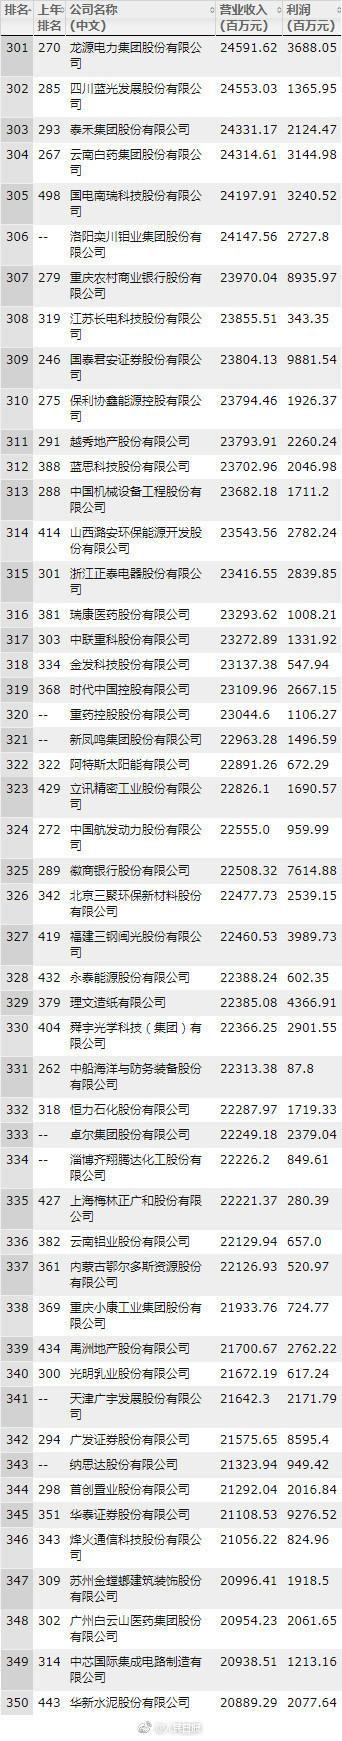 2018年《财富》中国500强:中国移动夺魁科技公司排行